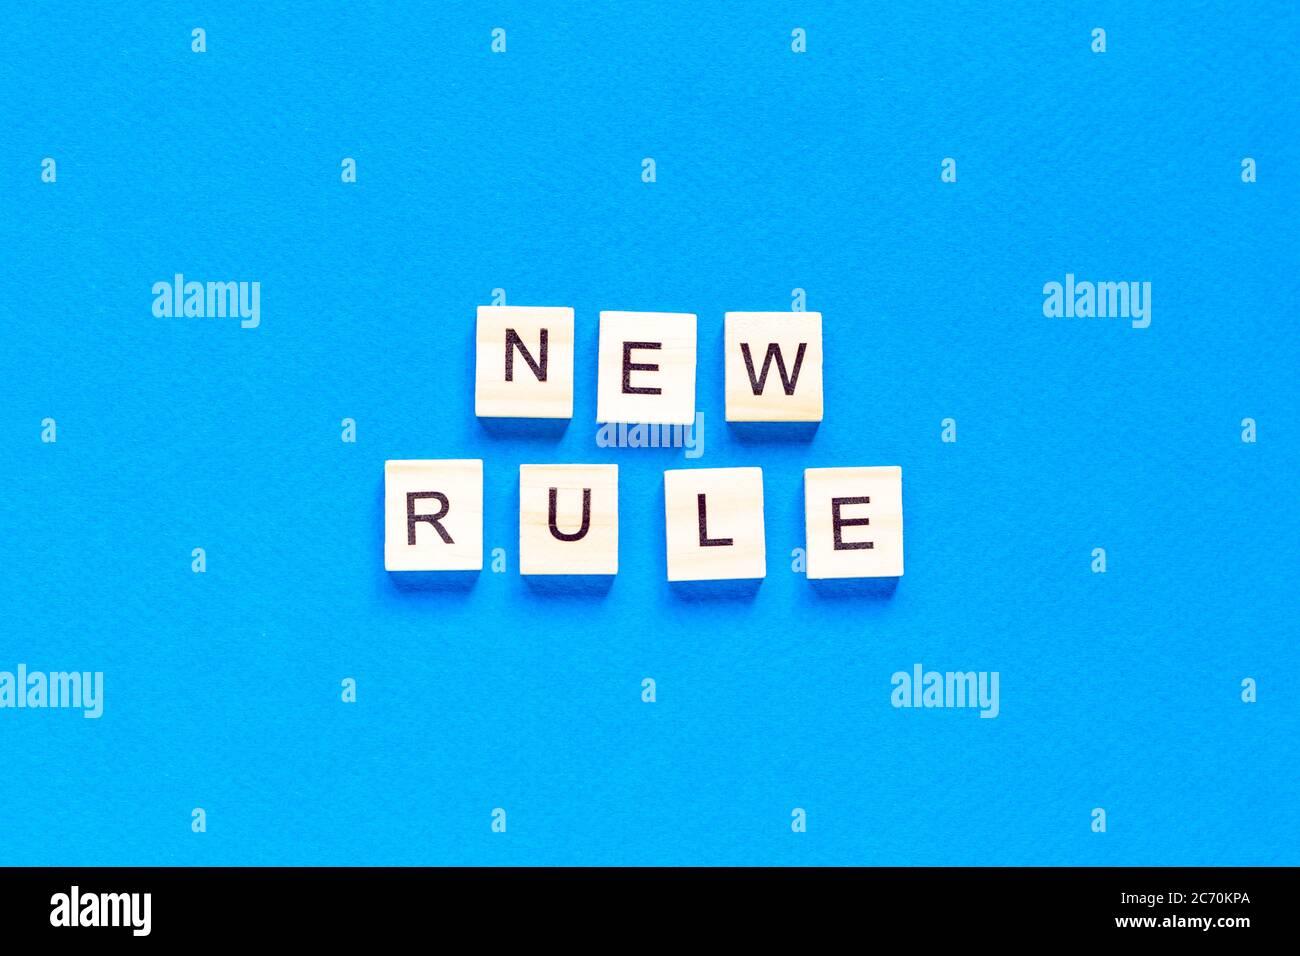 La NUOVA REGOLA è scritta in lettere di legno su sfondo blu. Nuovo concetto. Affari, legge, regole, aggiorna. Layout tflat. Op view. Foto Stock